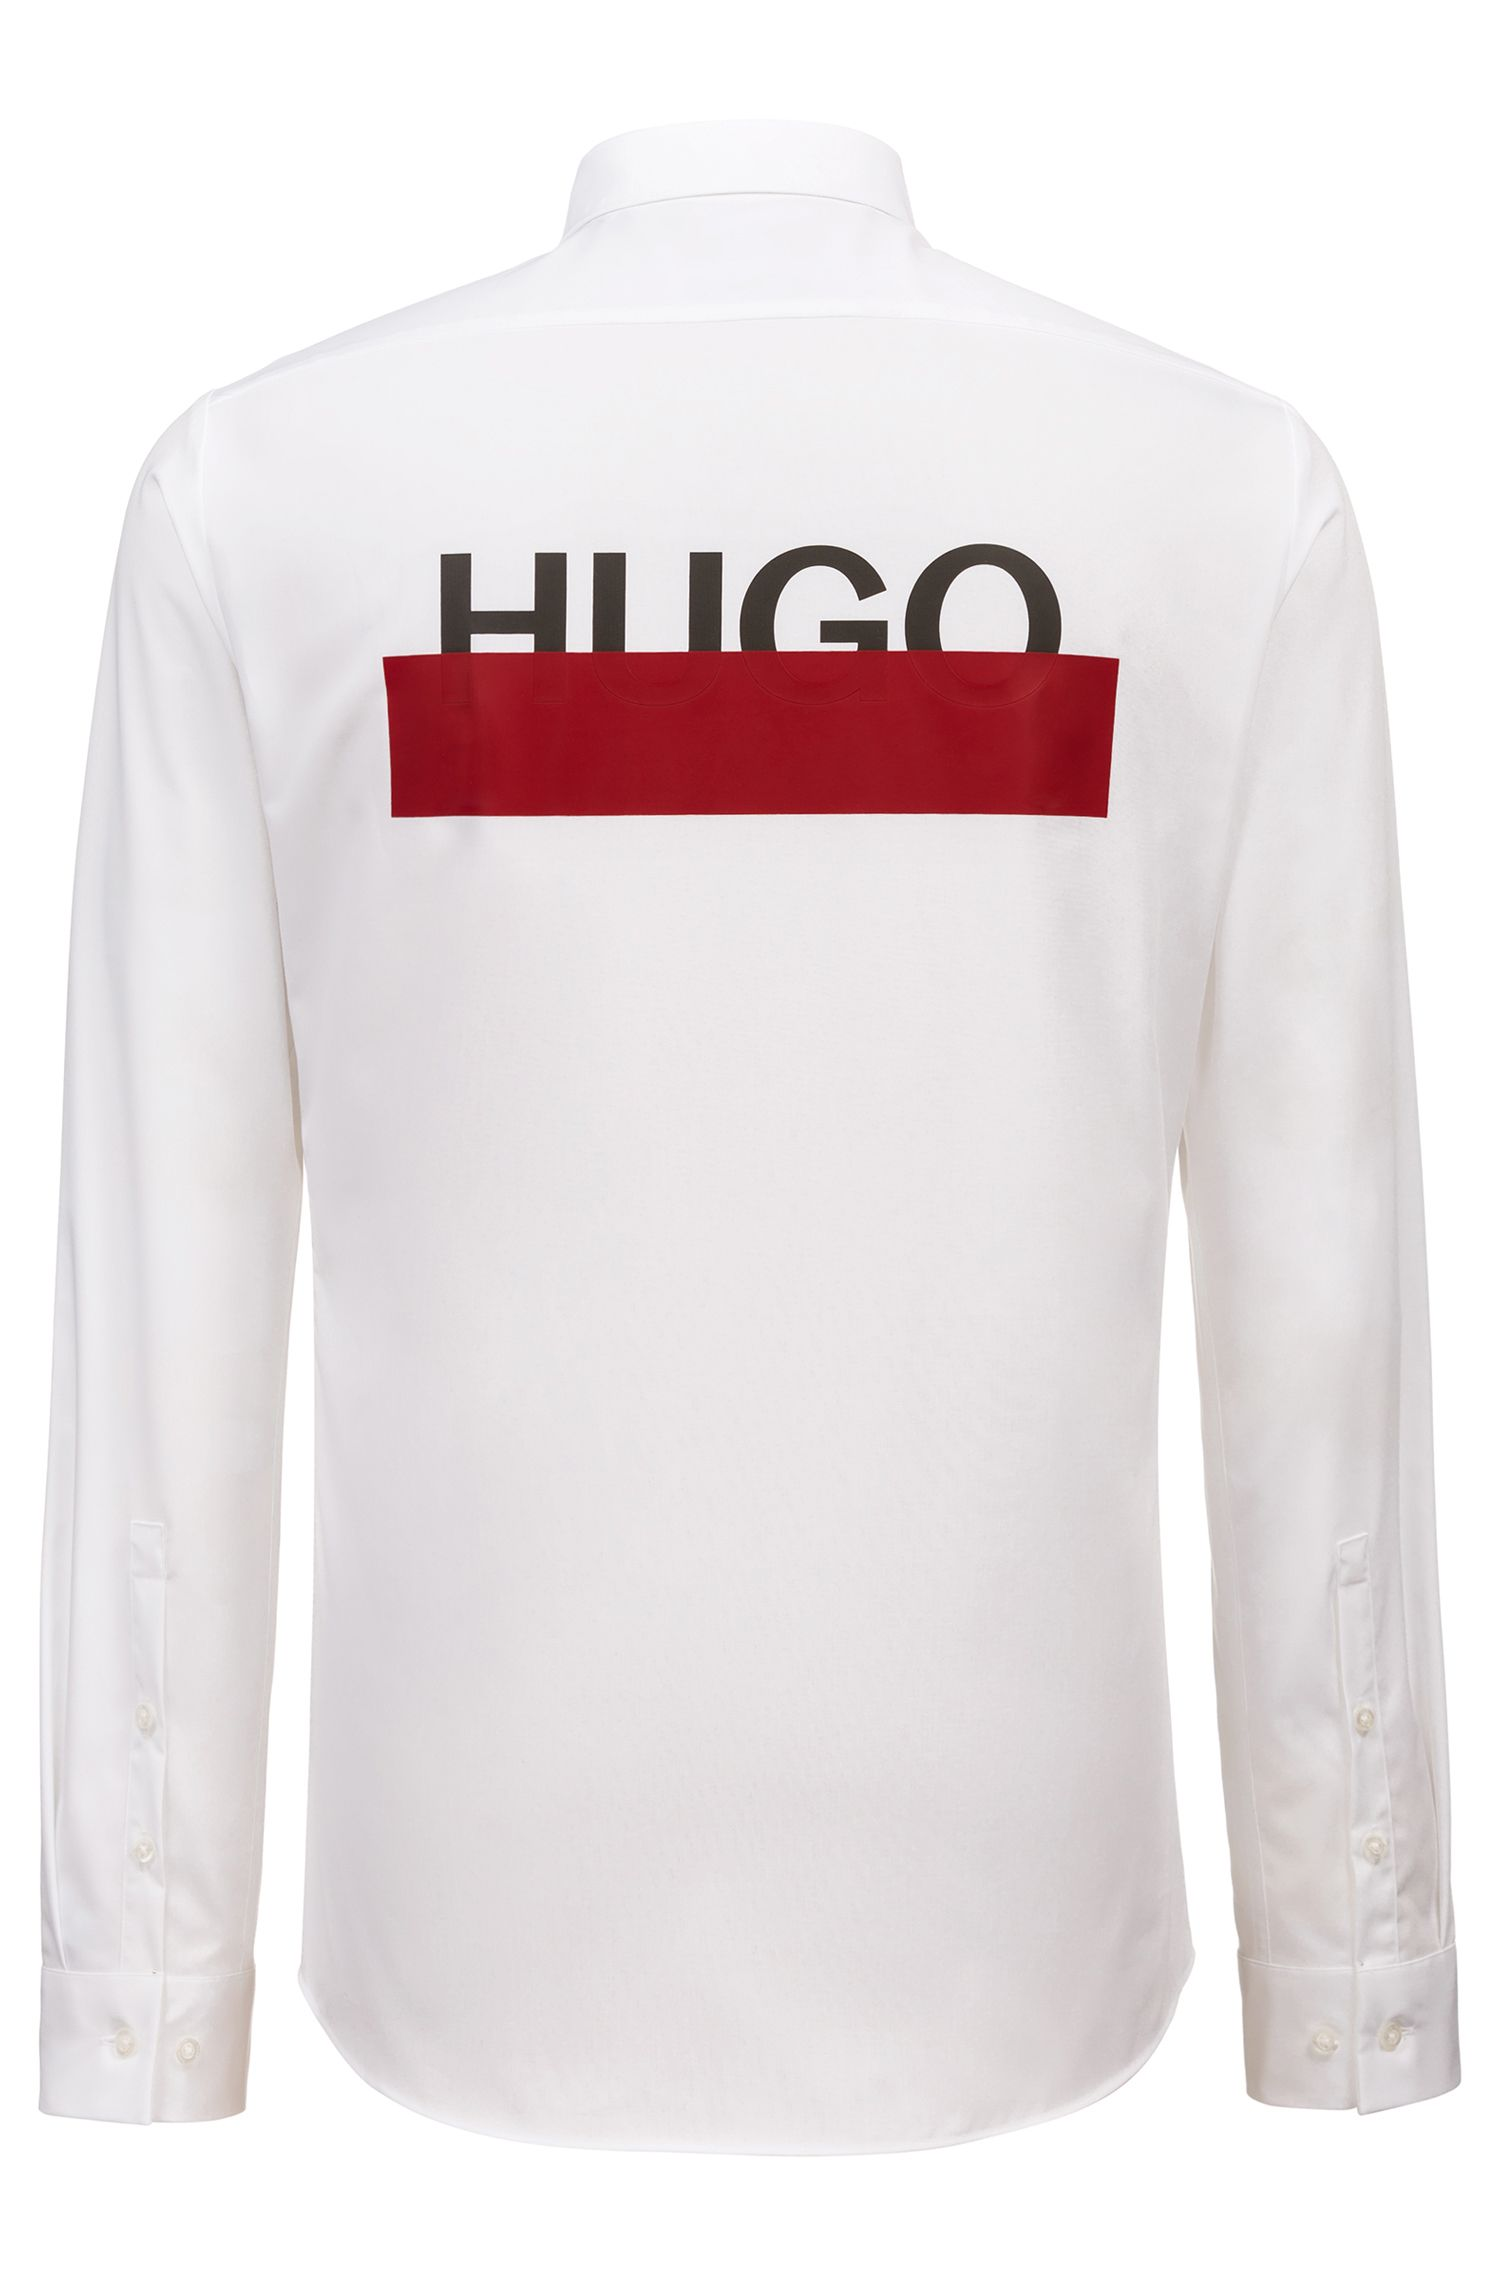 Extra Slim-Fit Hemd aus Baumwolle mit teilweise verdeckten Logos, Weiß